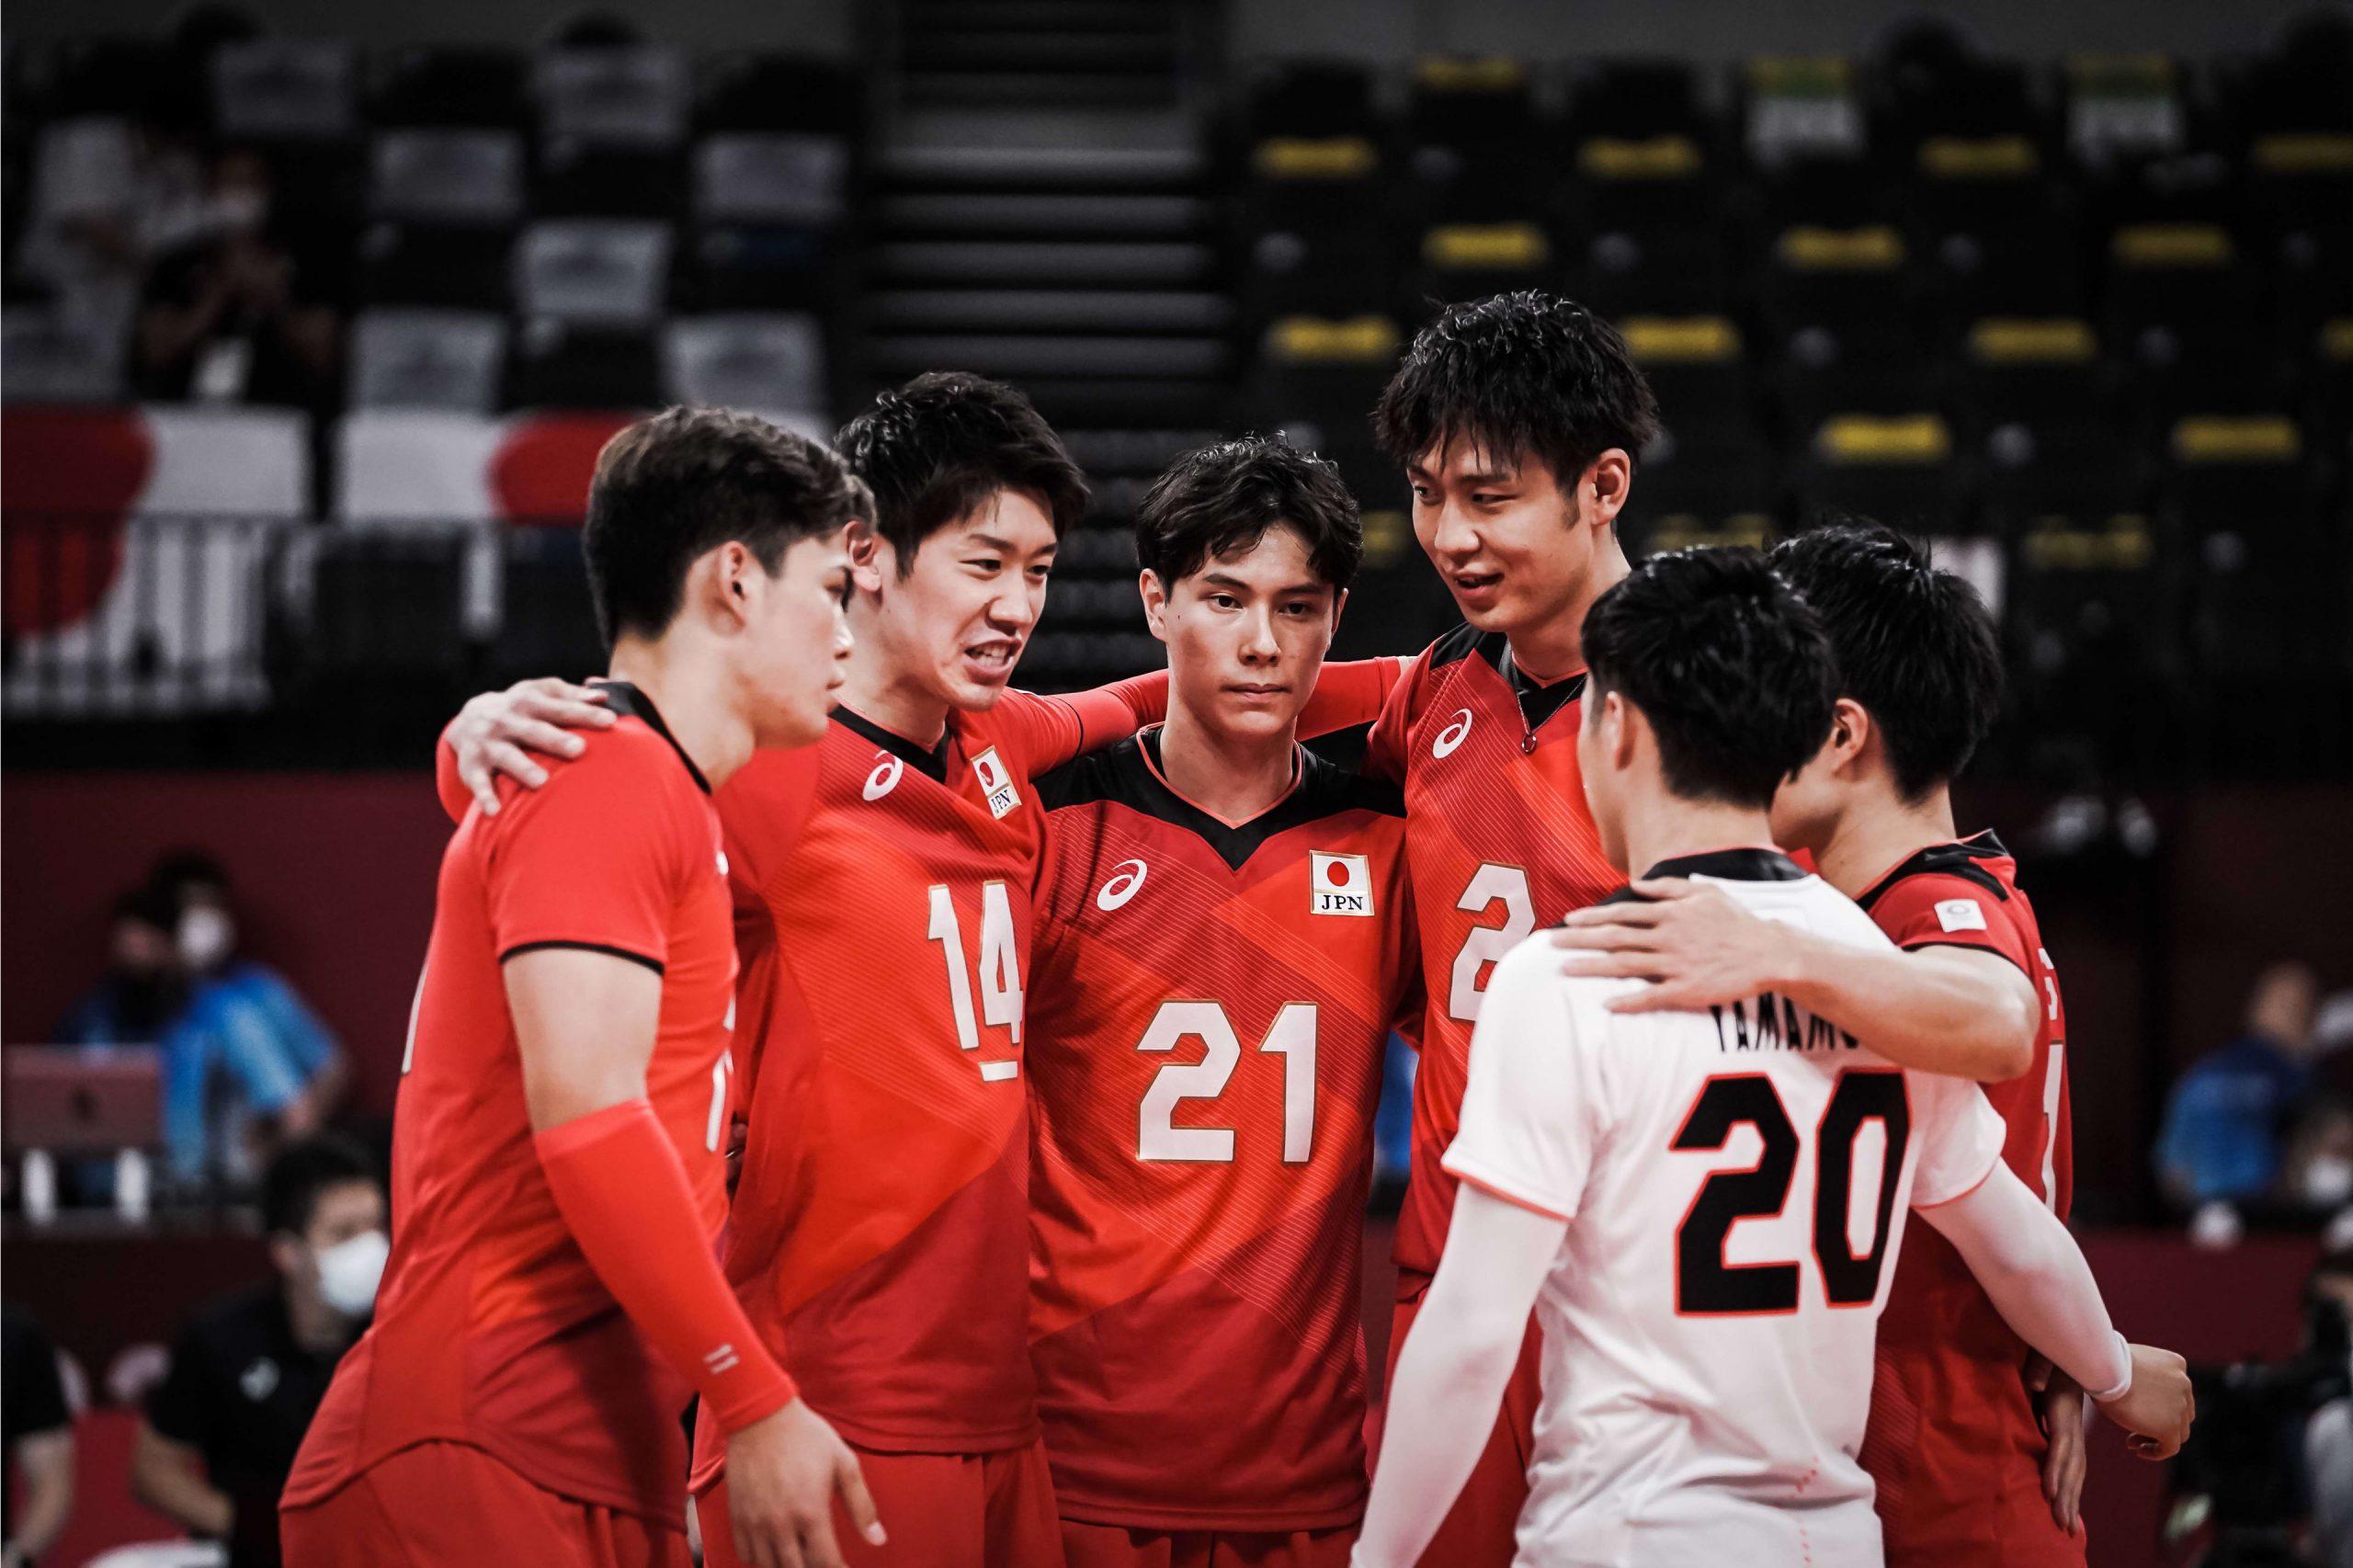 日本男子 準々決勝ストレートで敗退 善戦するも王者ブラジルに涙